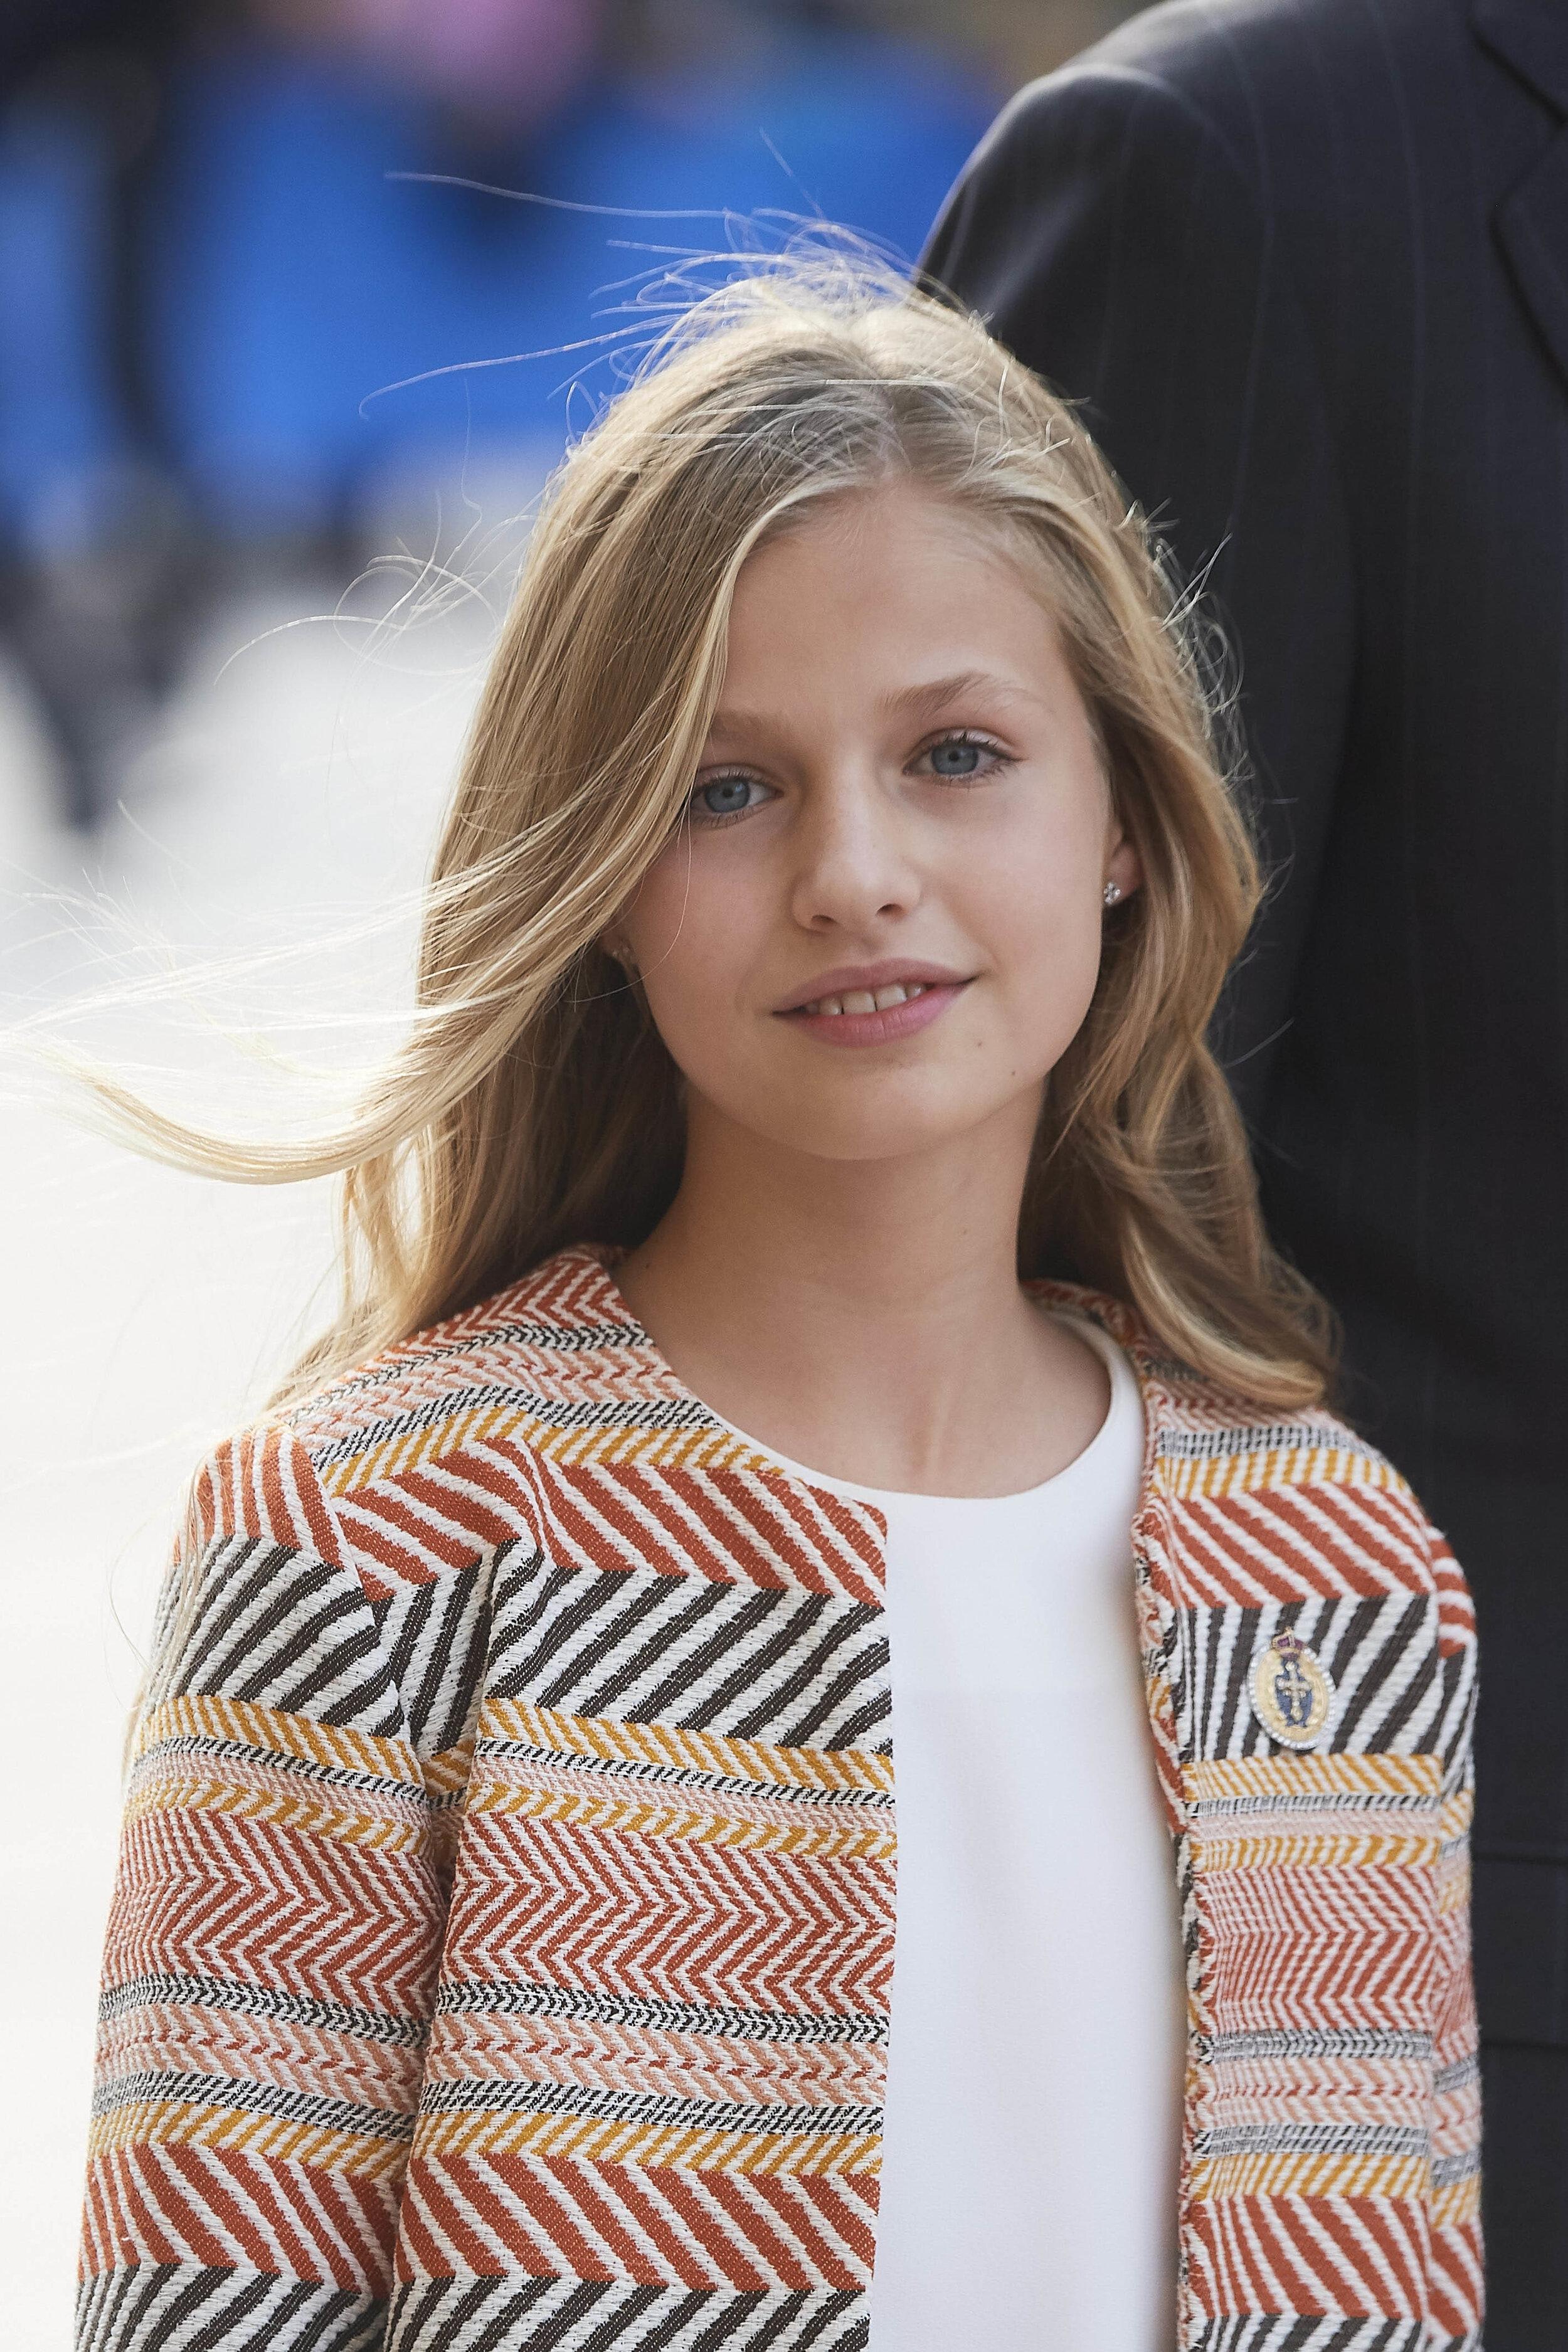 Prinzessin Leonor wird ihrem Vater König Felipe eines Tages auf den Thron folgen – falls die spanische Monarchie so lange überlebt.  © picture alliance/PPE